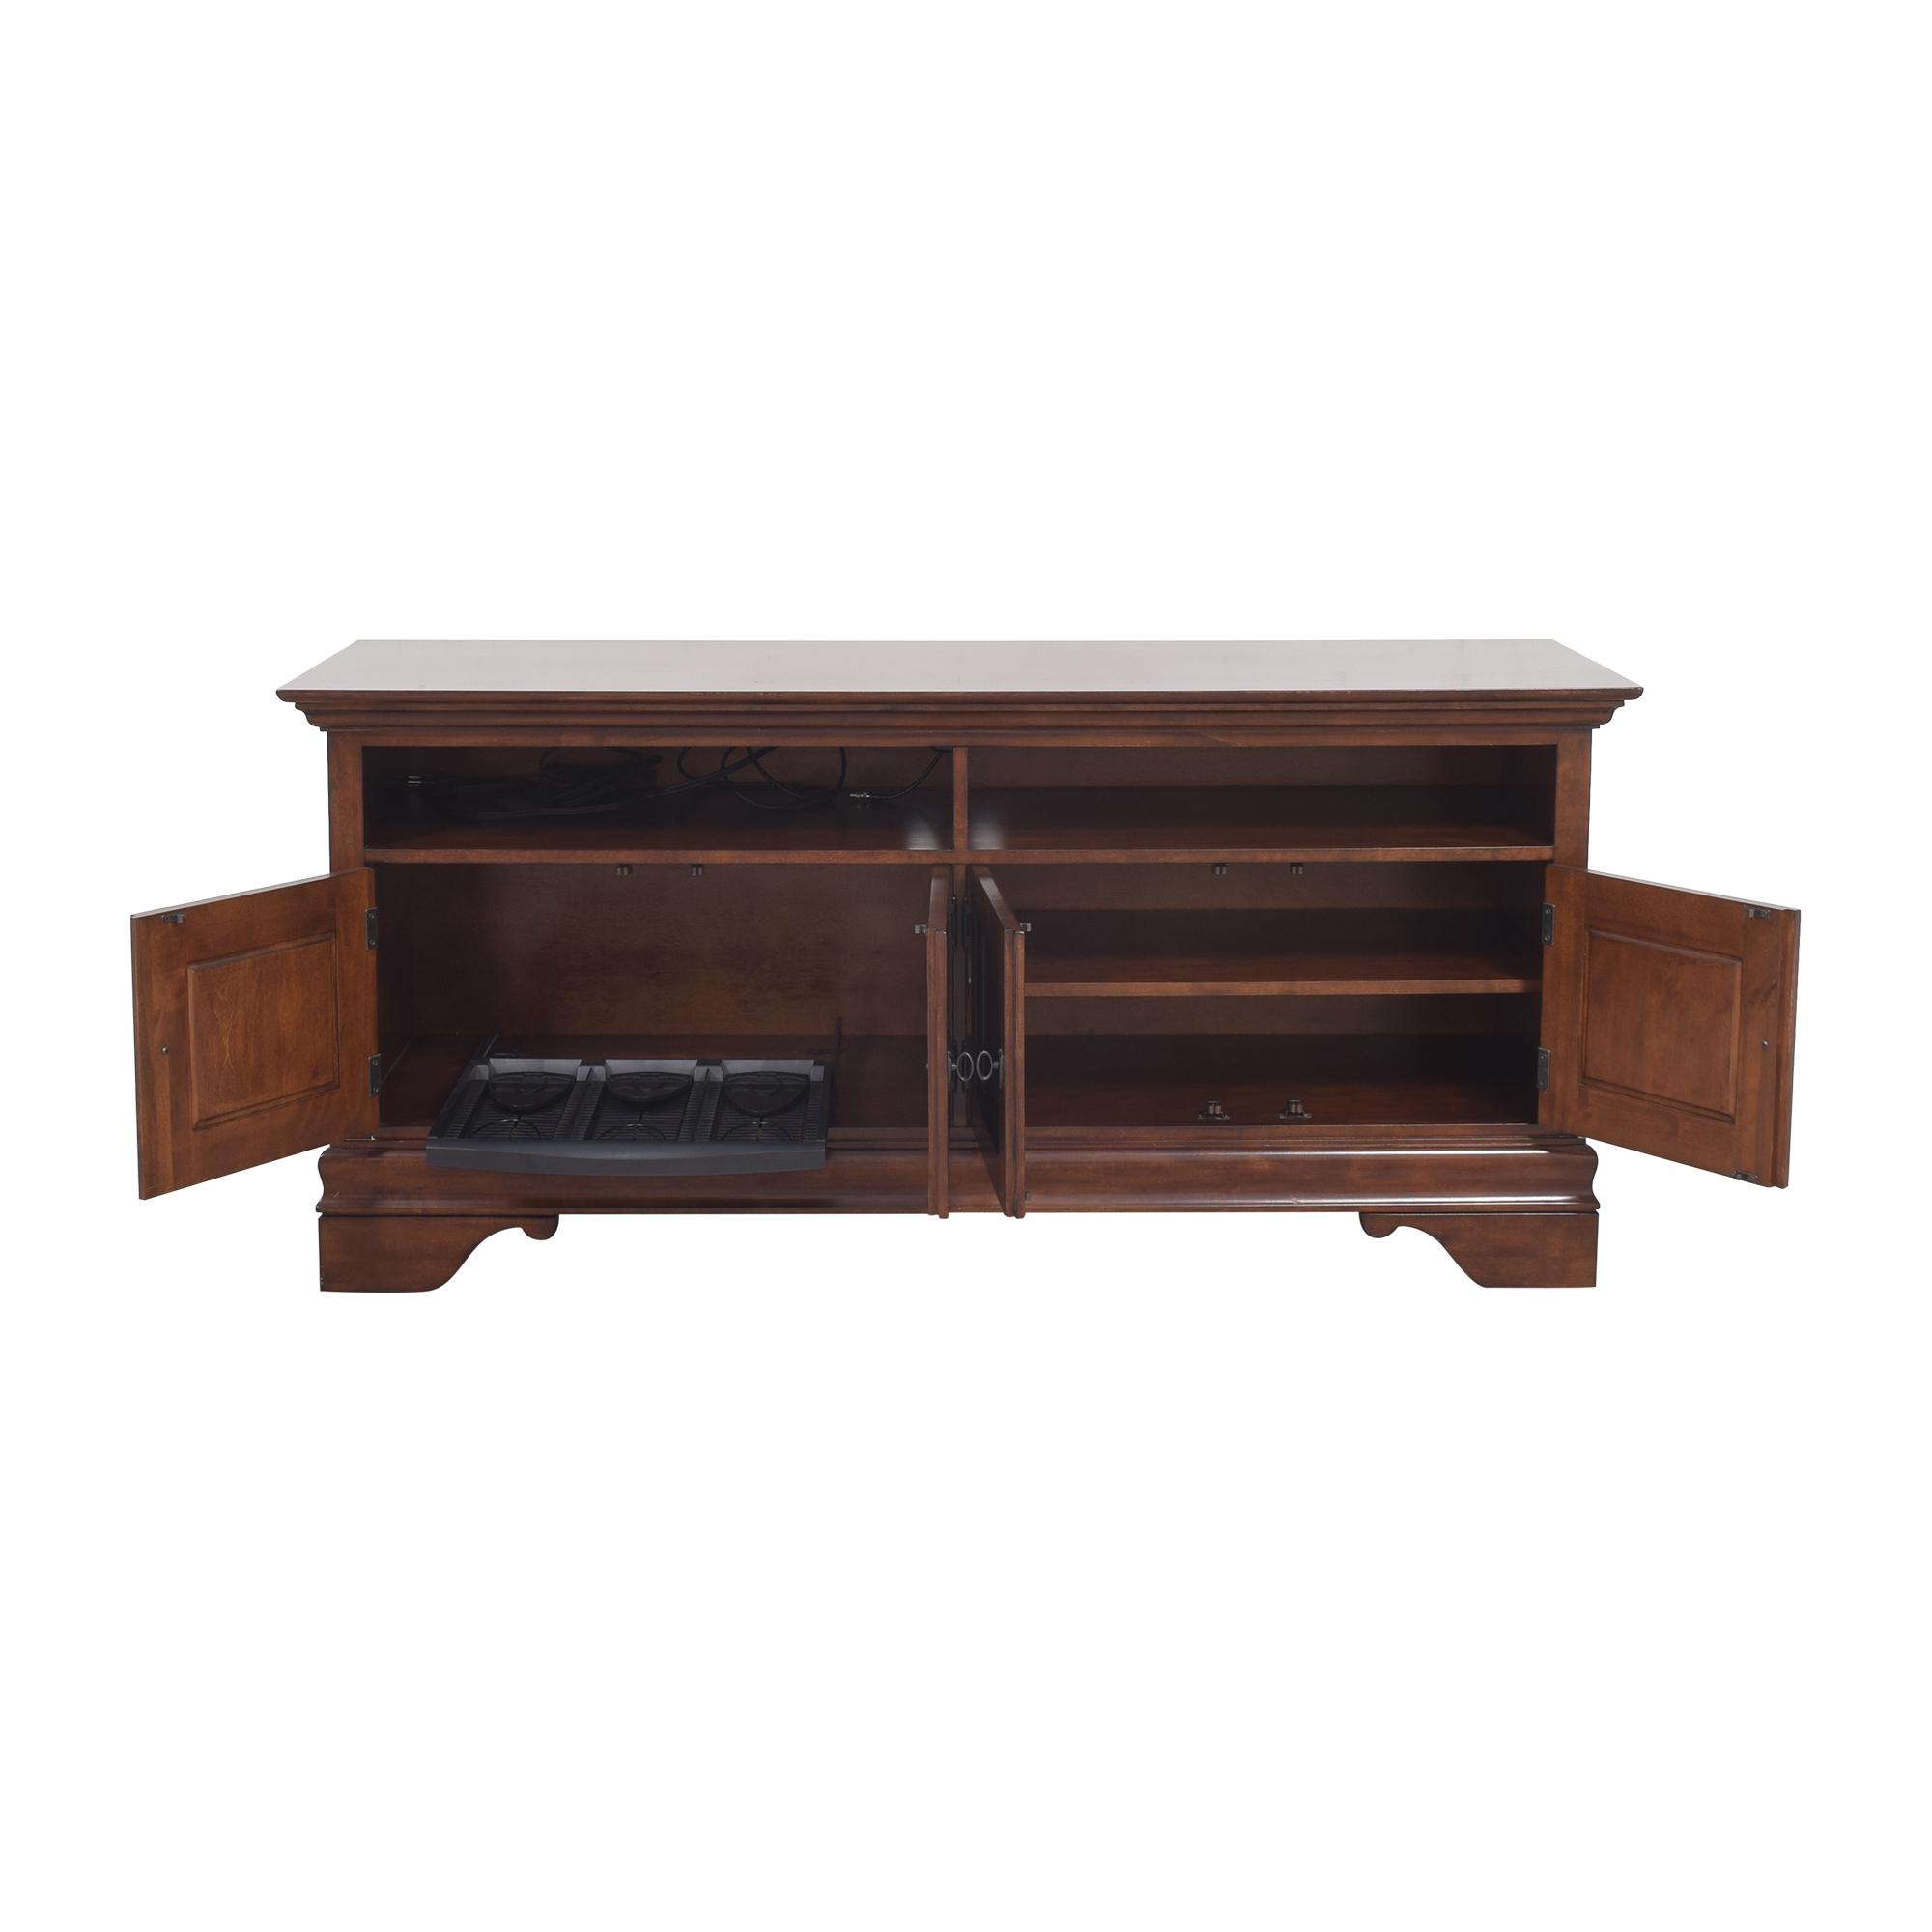 Kincaid Furniture Kincaid Furniture Media Console Storage